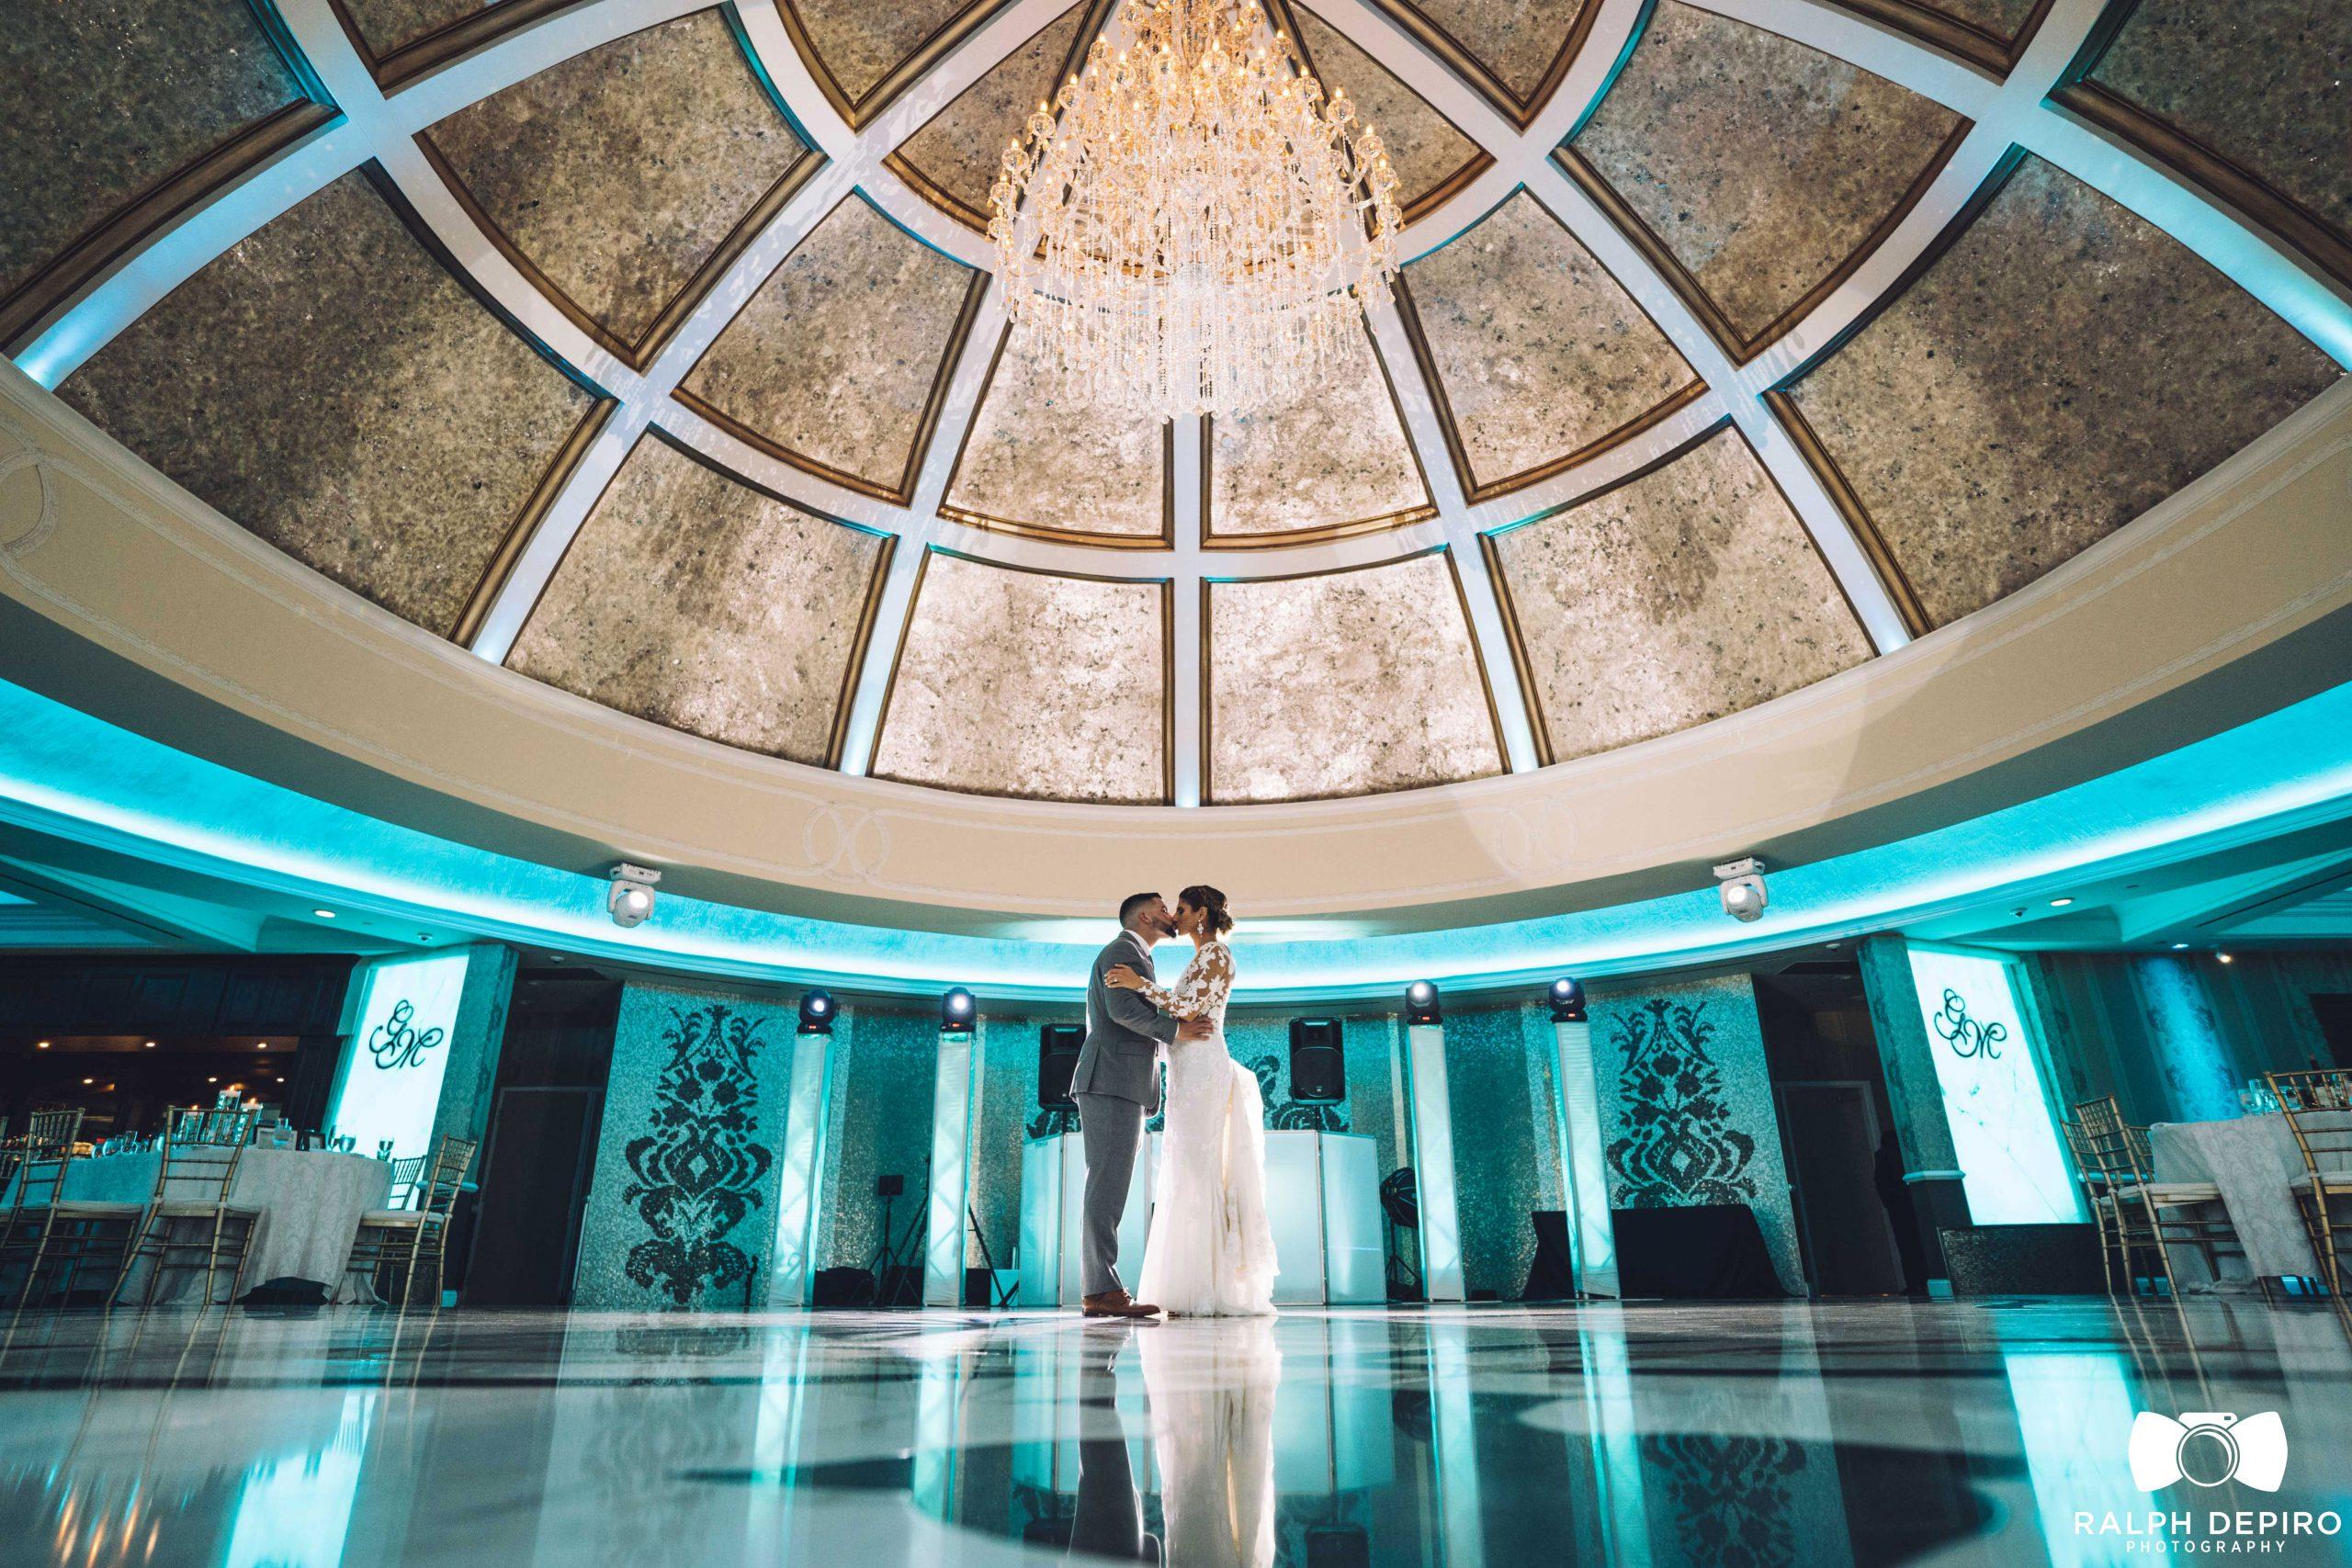 The Dome Ballroom